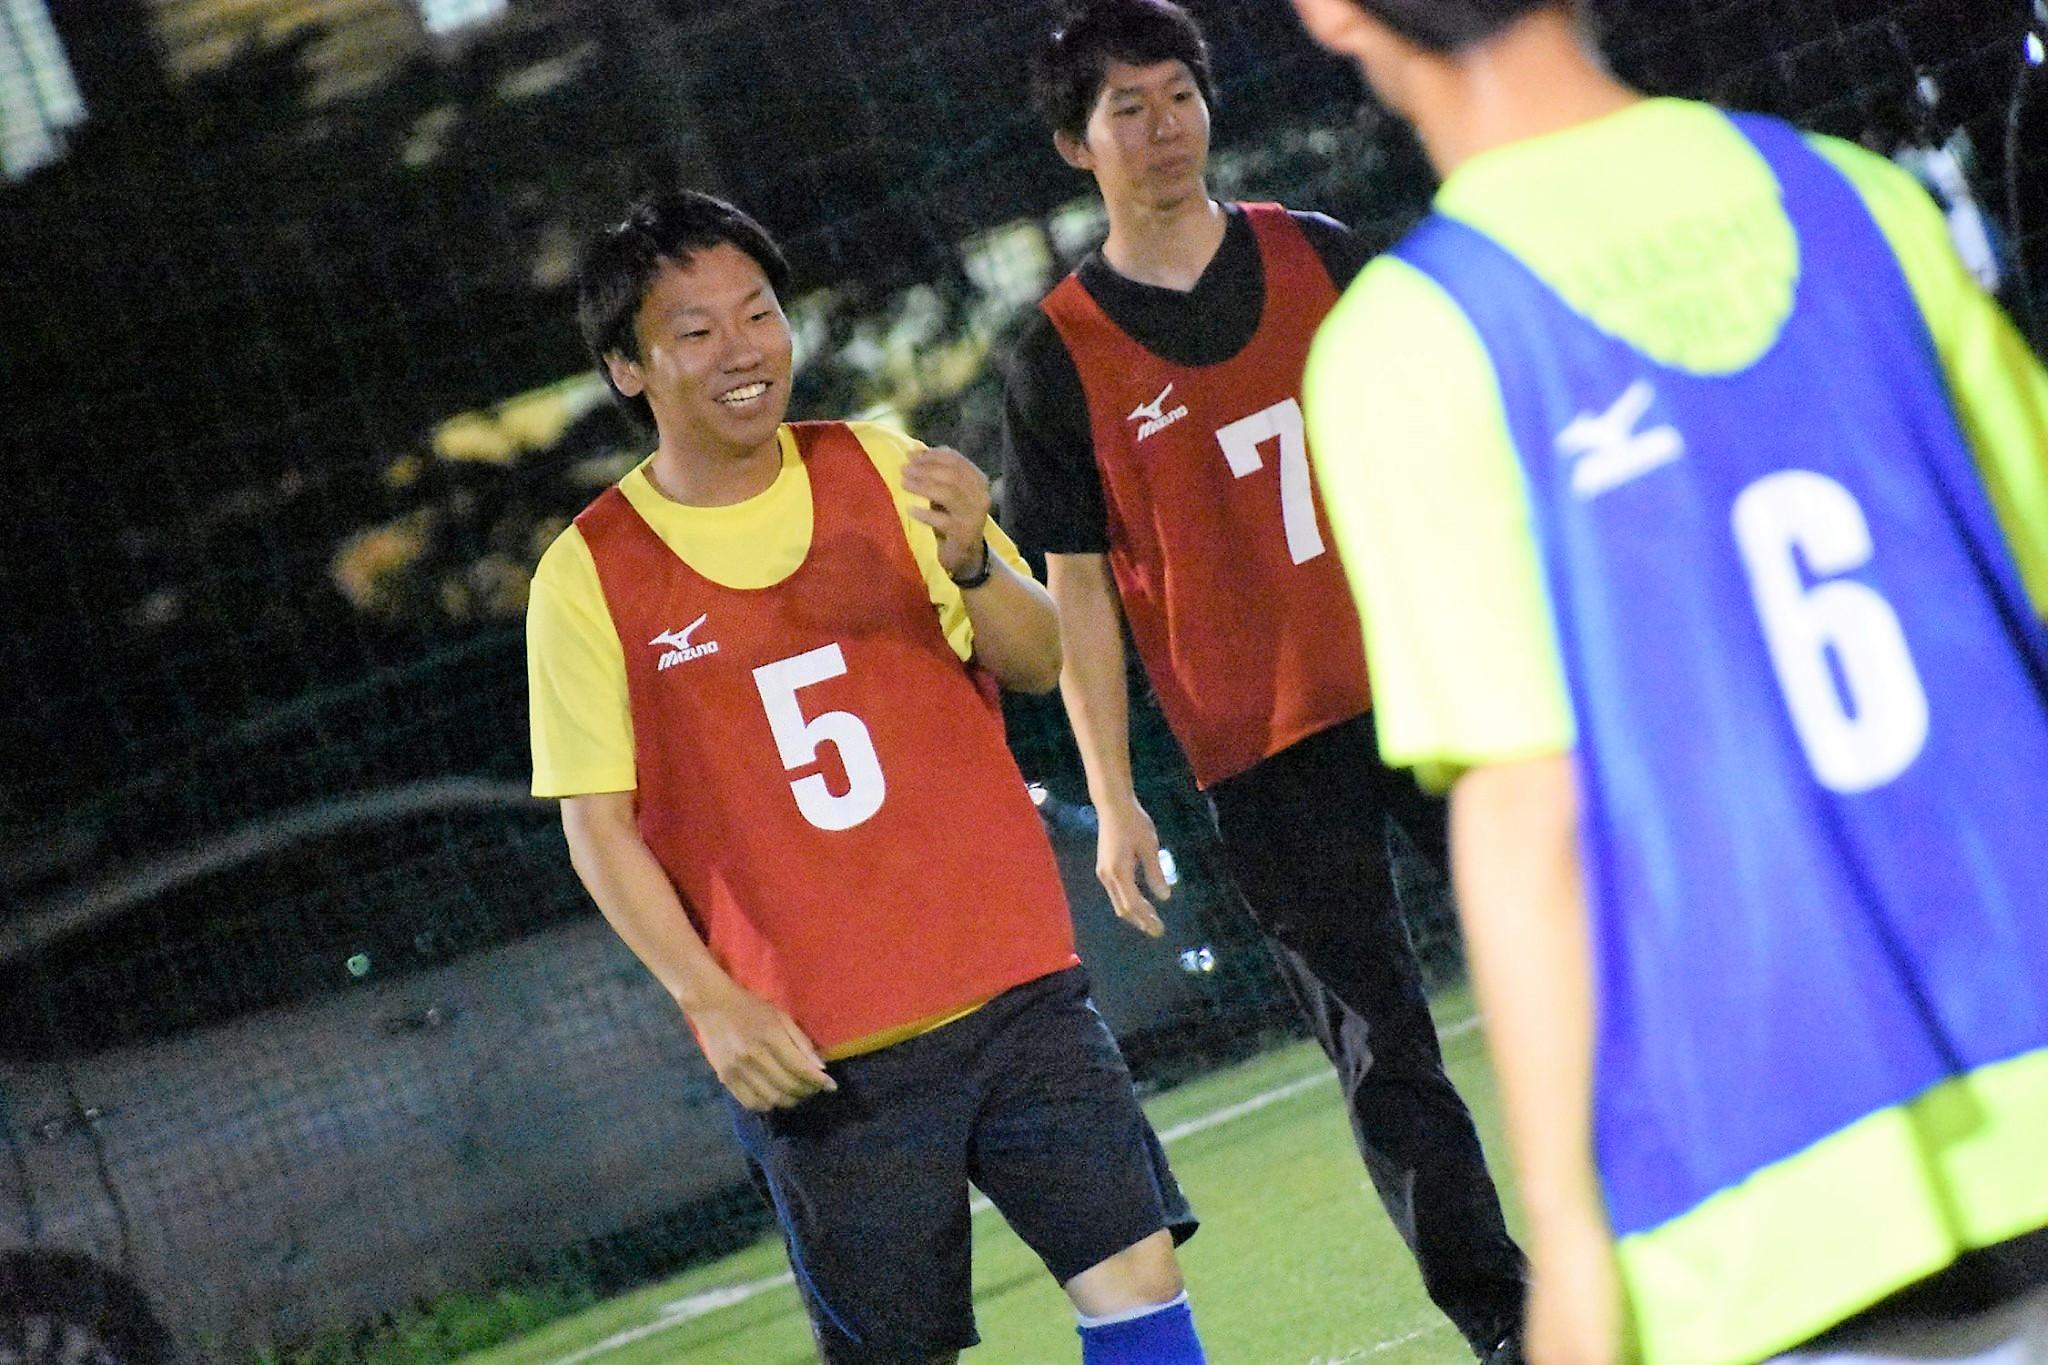 【春日井エンジョイリーグ】第3節結果(延期分) チームKが全勝優勝!!山田係長も最後に勝ち点を獲得!